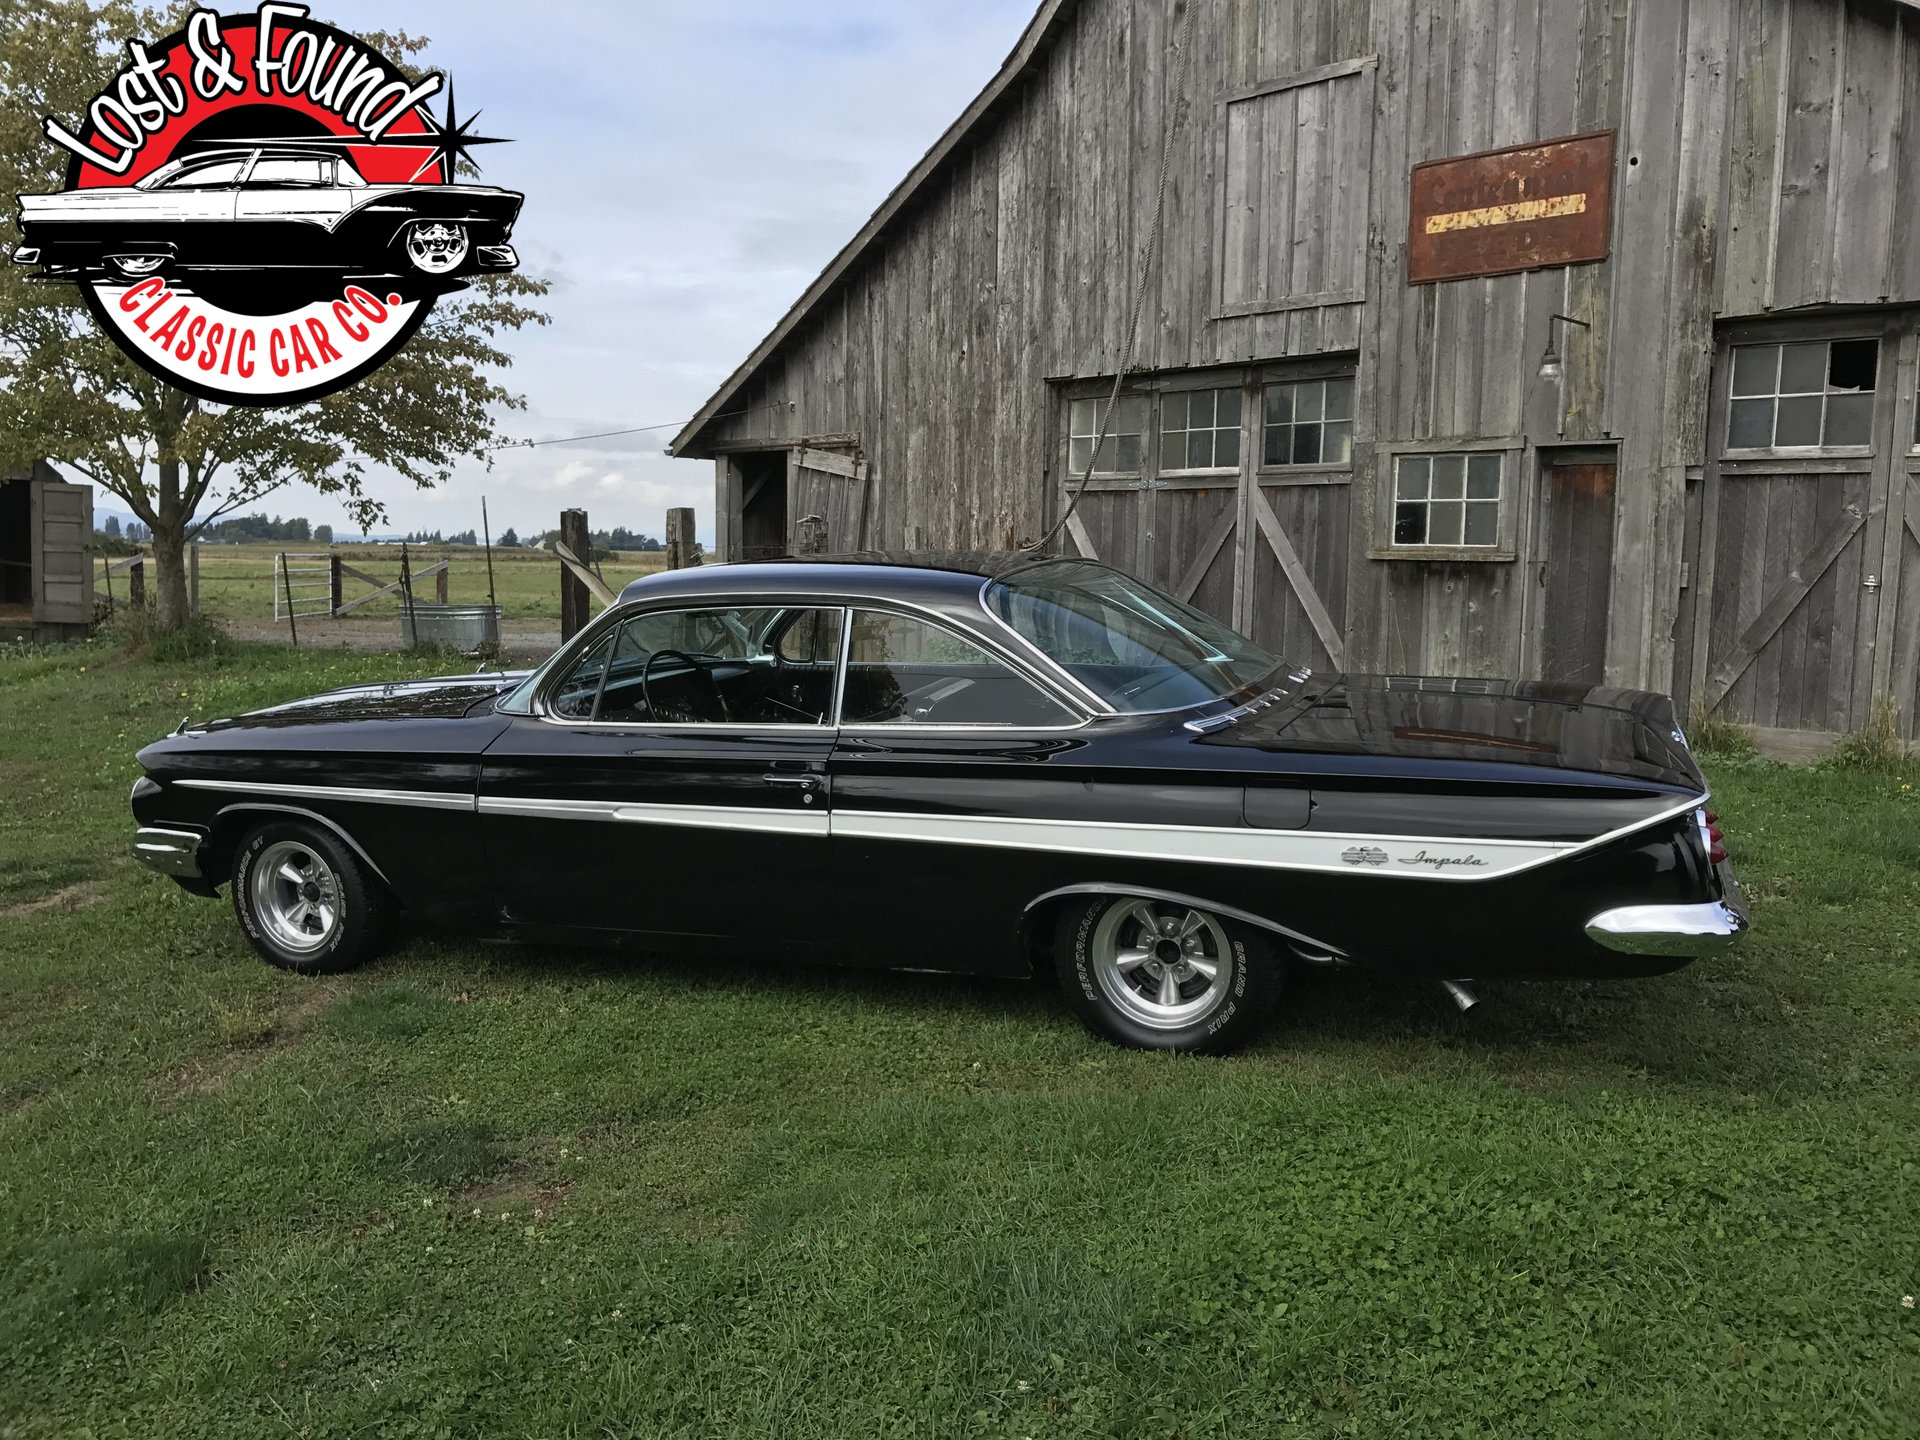 4708c2e75452 hd 1961 chevrolet impala super sport